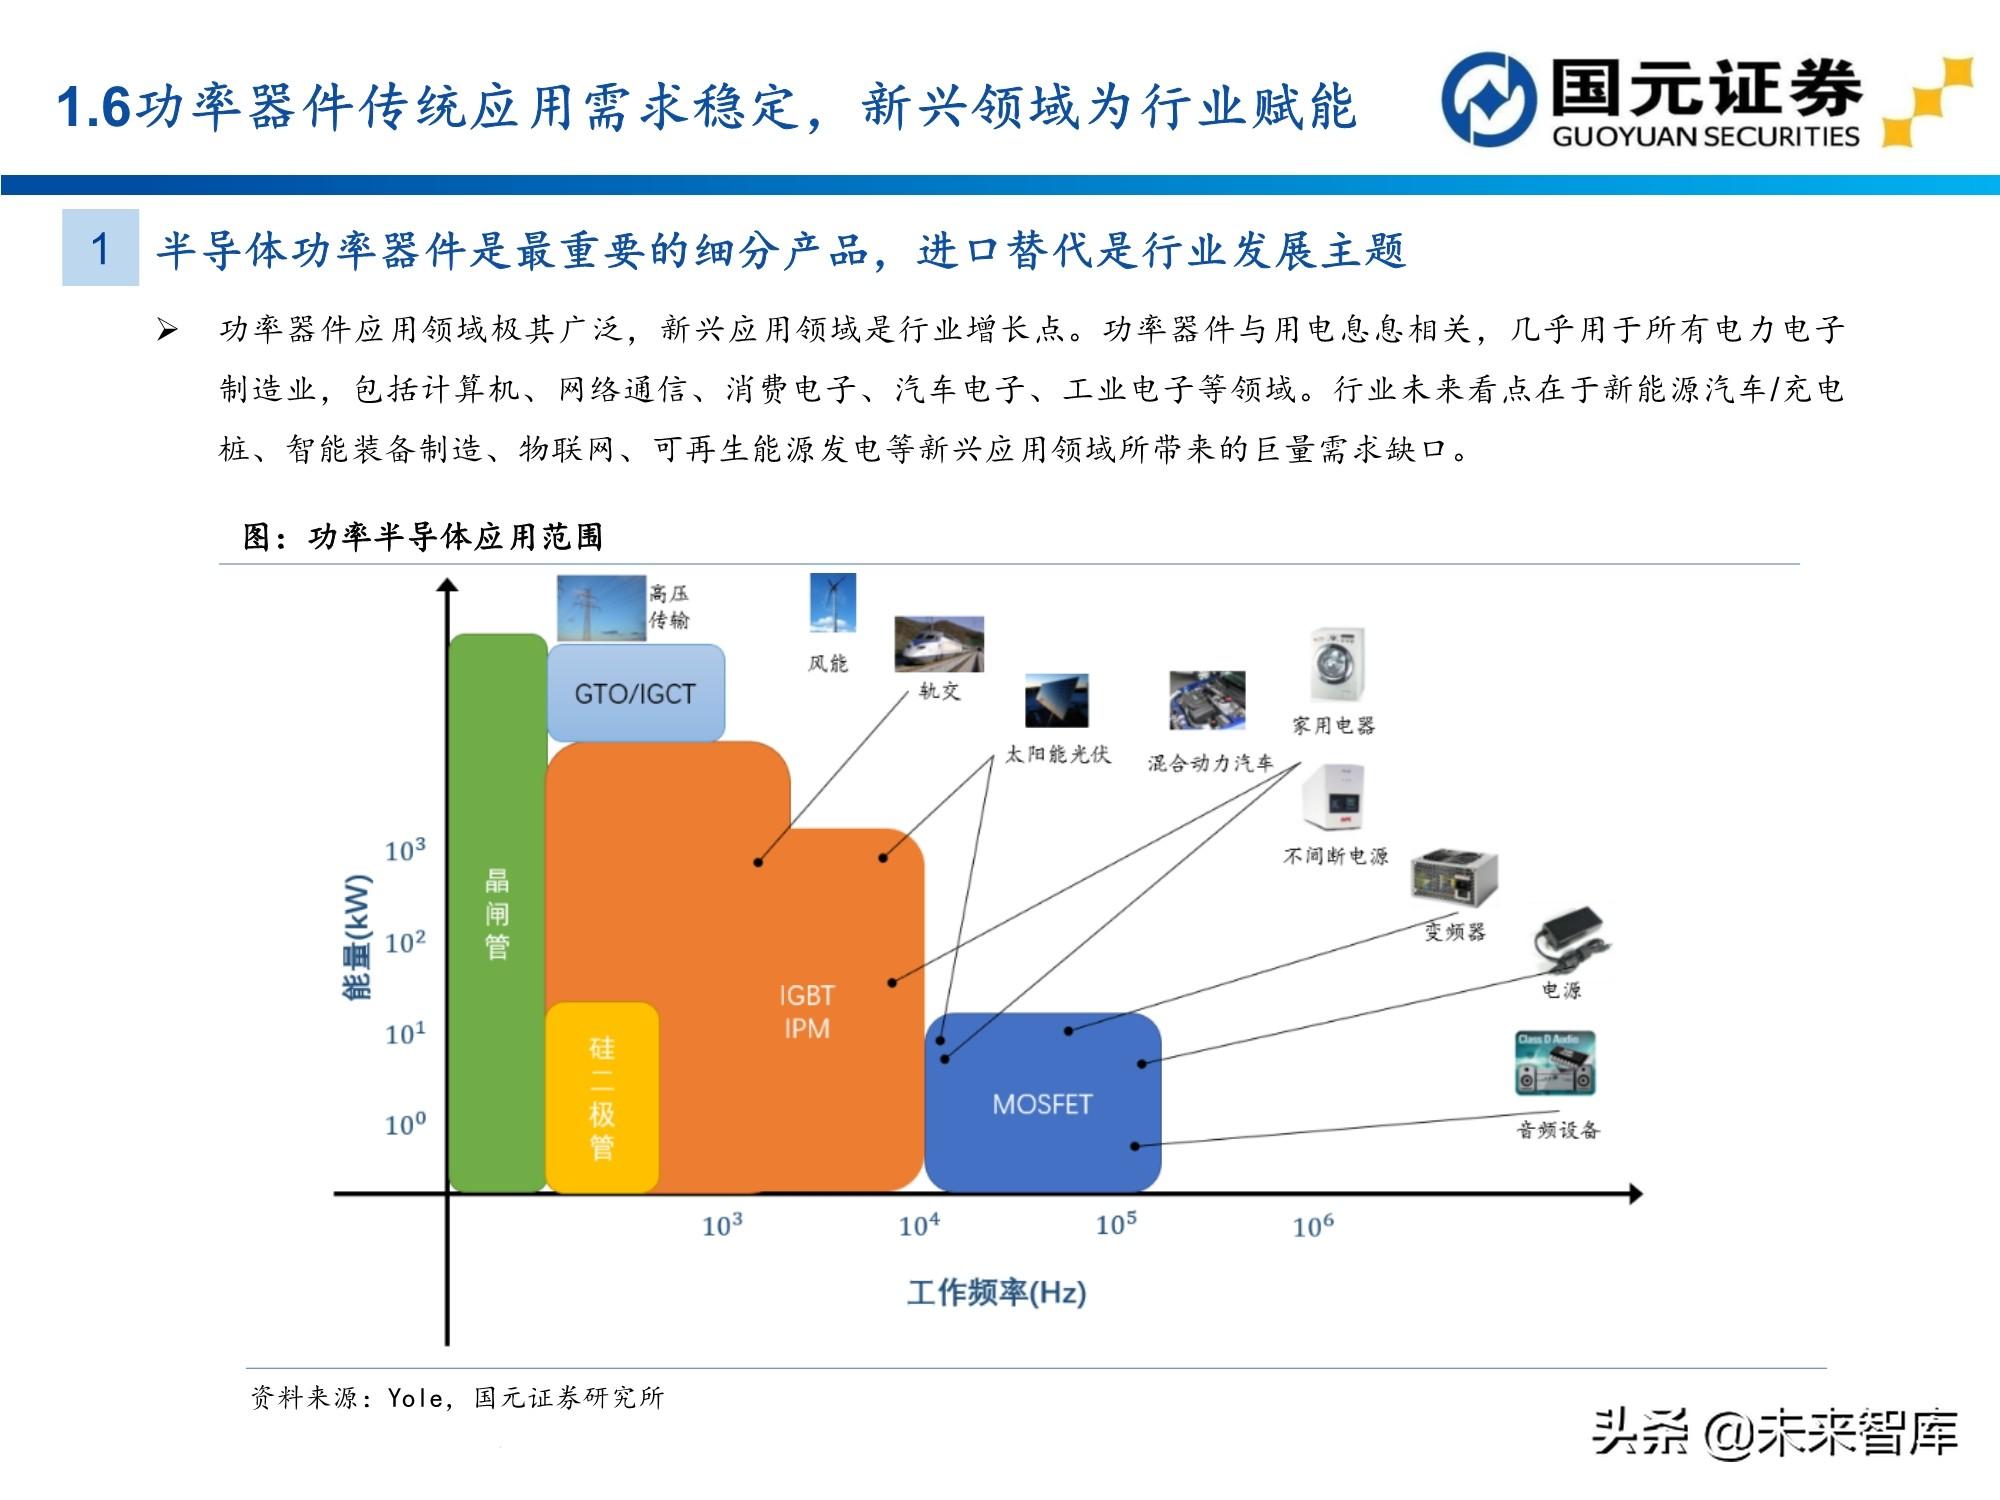 半导体及电子行业157页深度研究报告:电子产业创新与格局重构